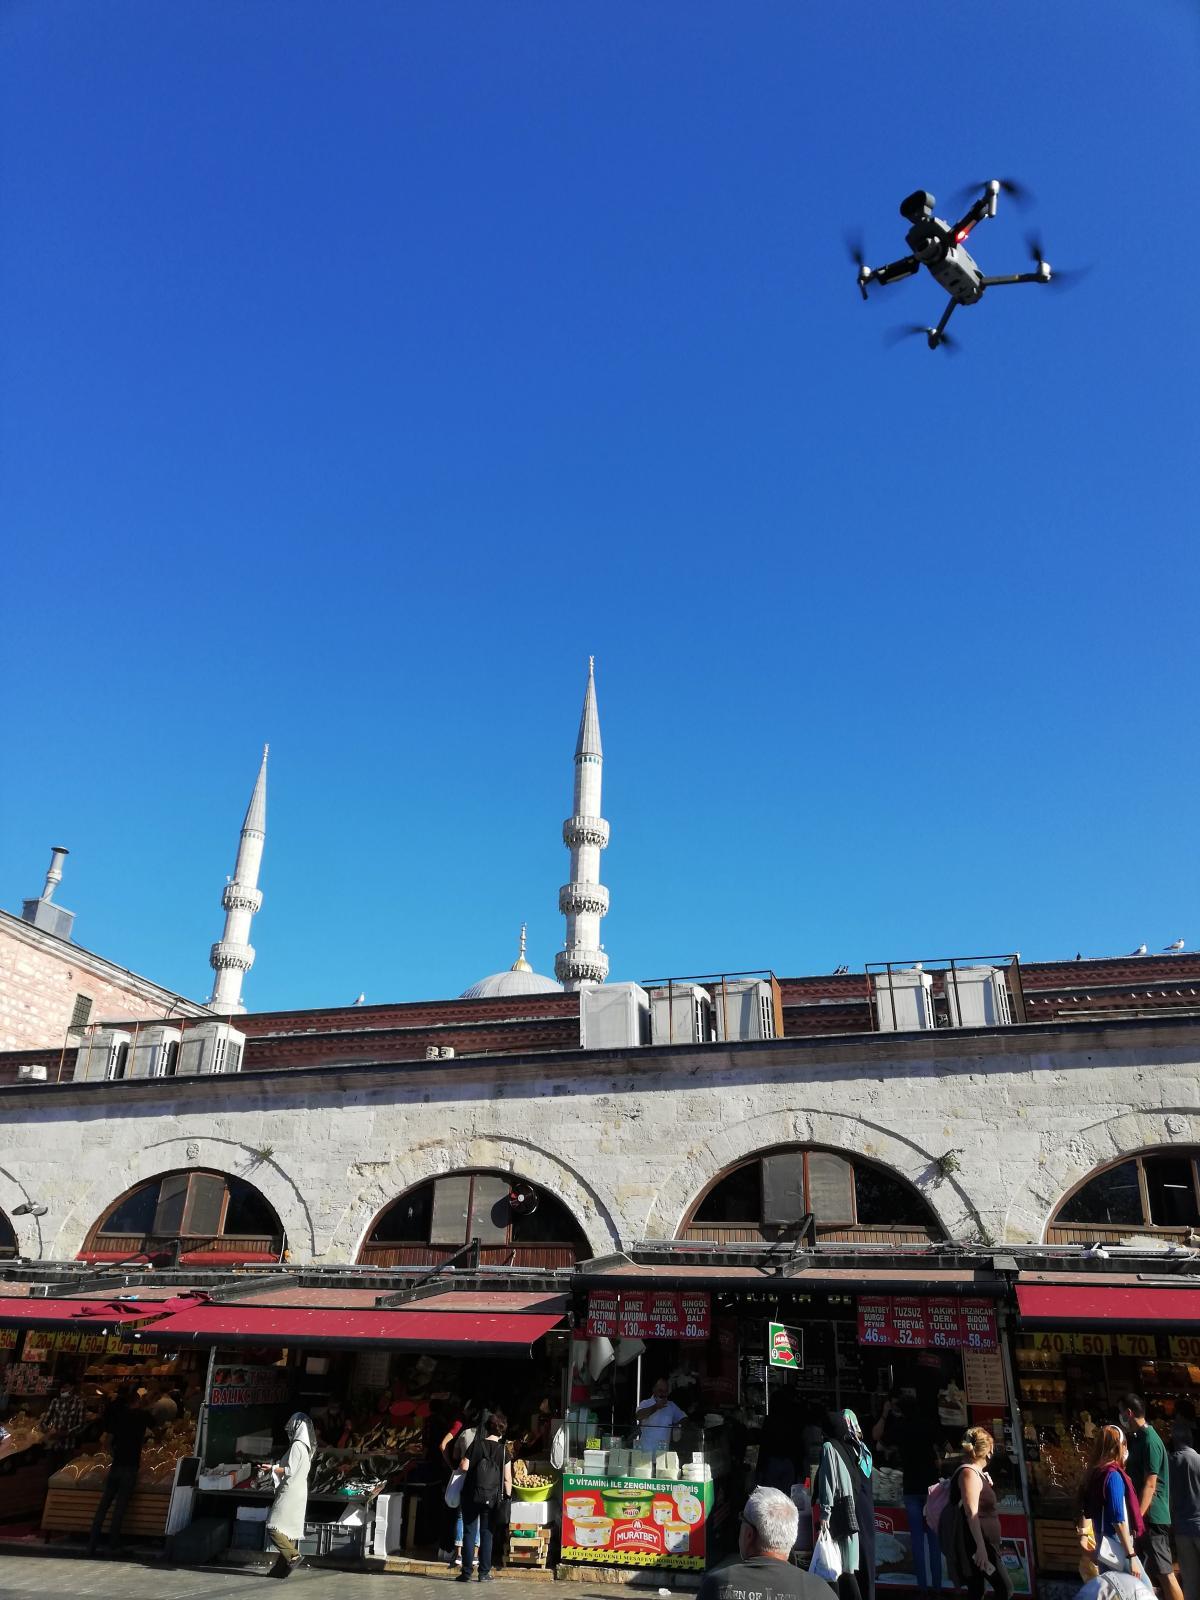 За масочным режимом в Стамбуле также следят дроны / фото Марина Григоренко